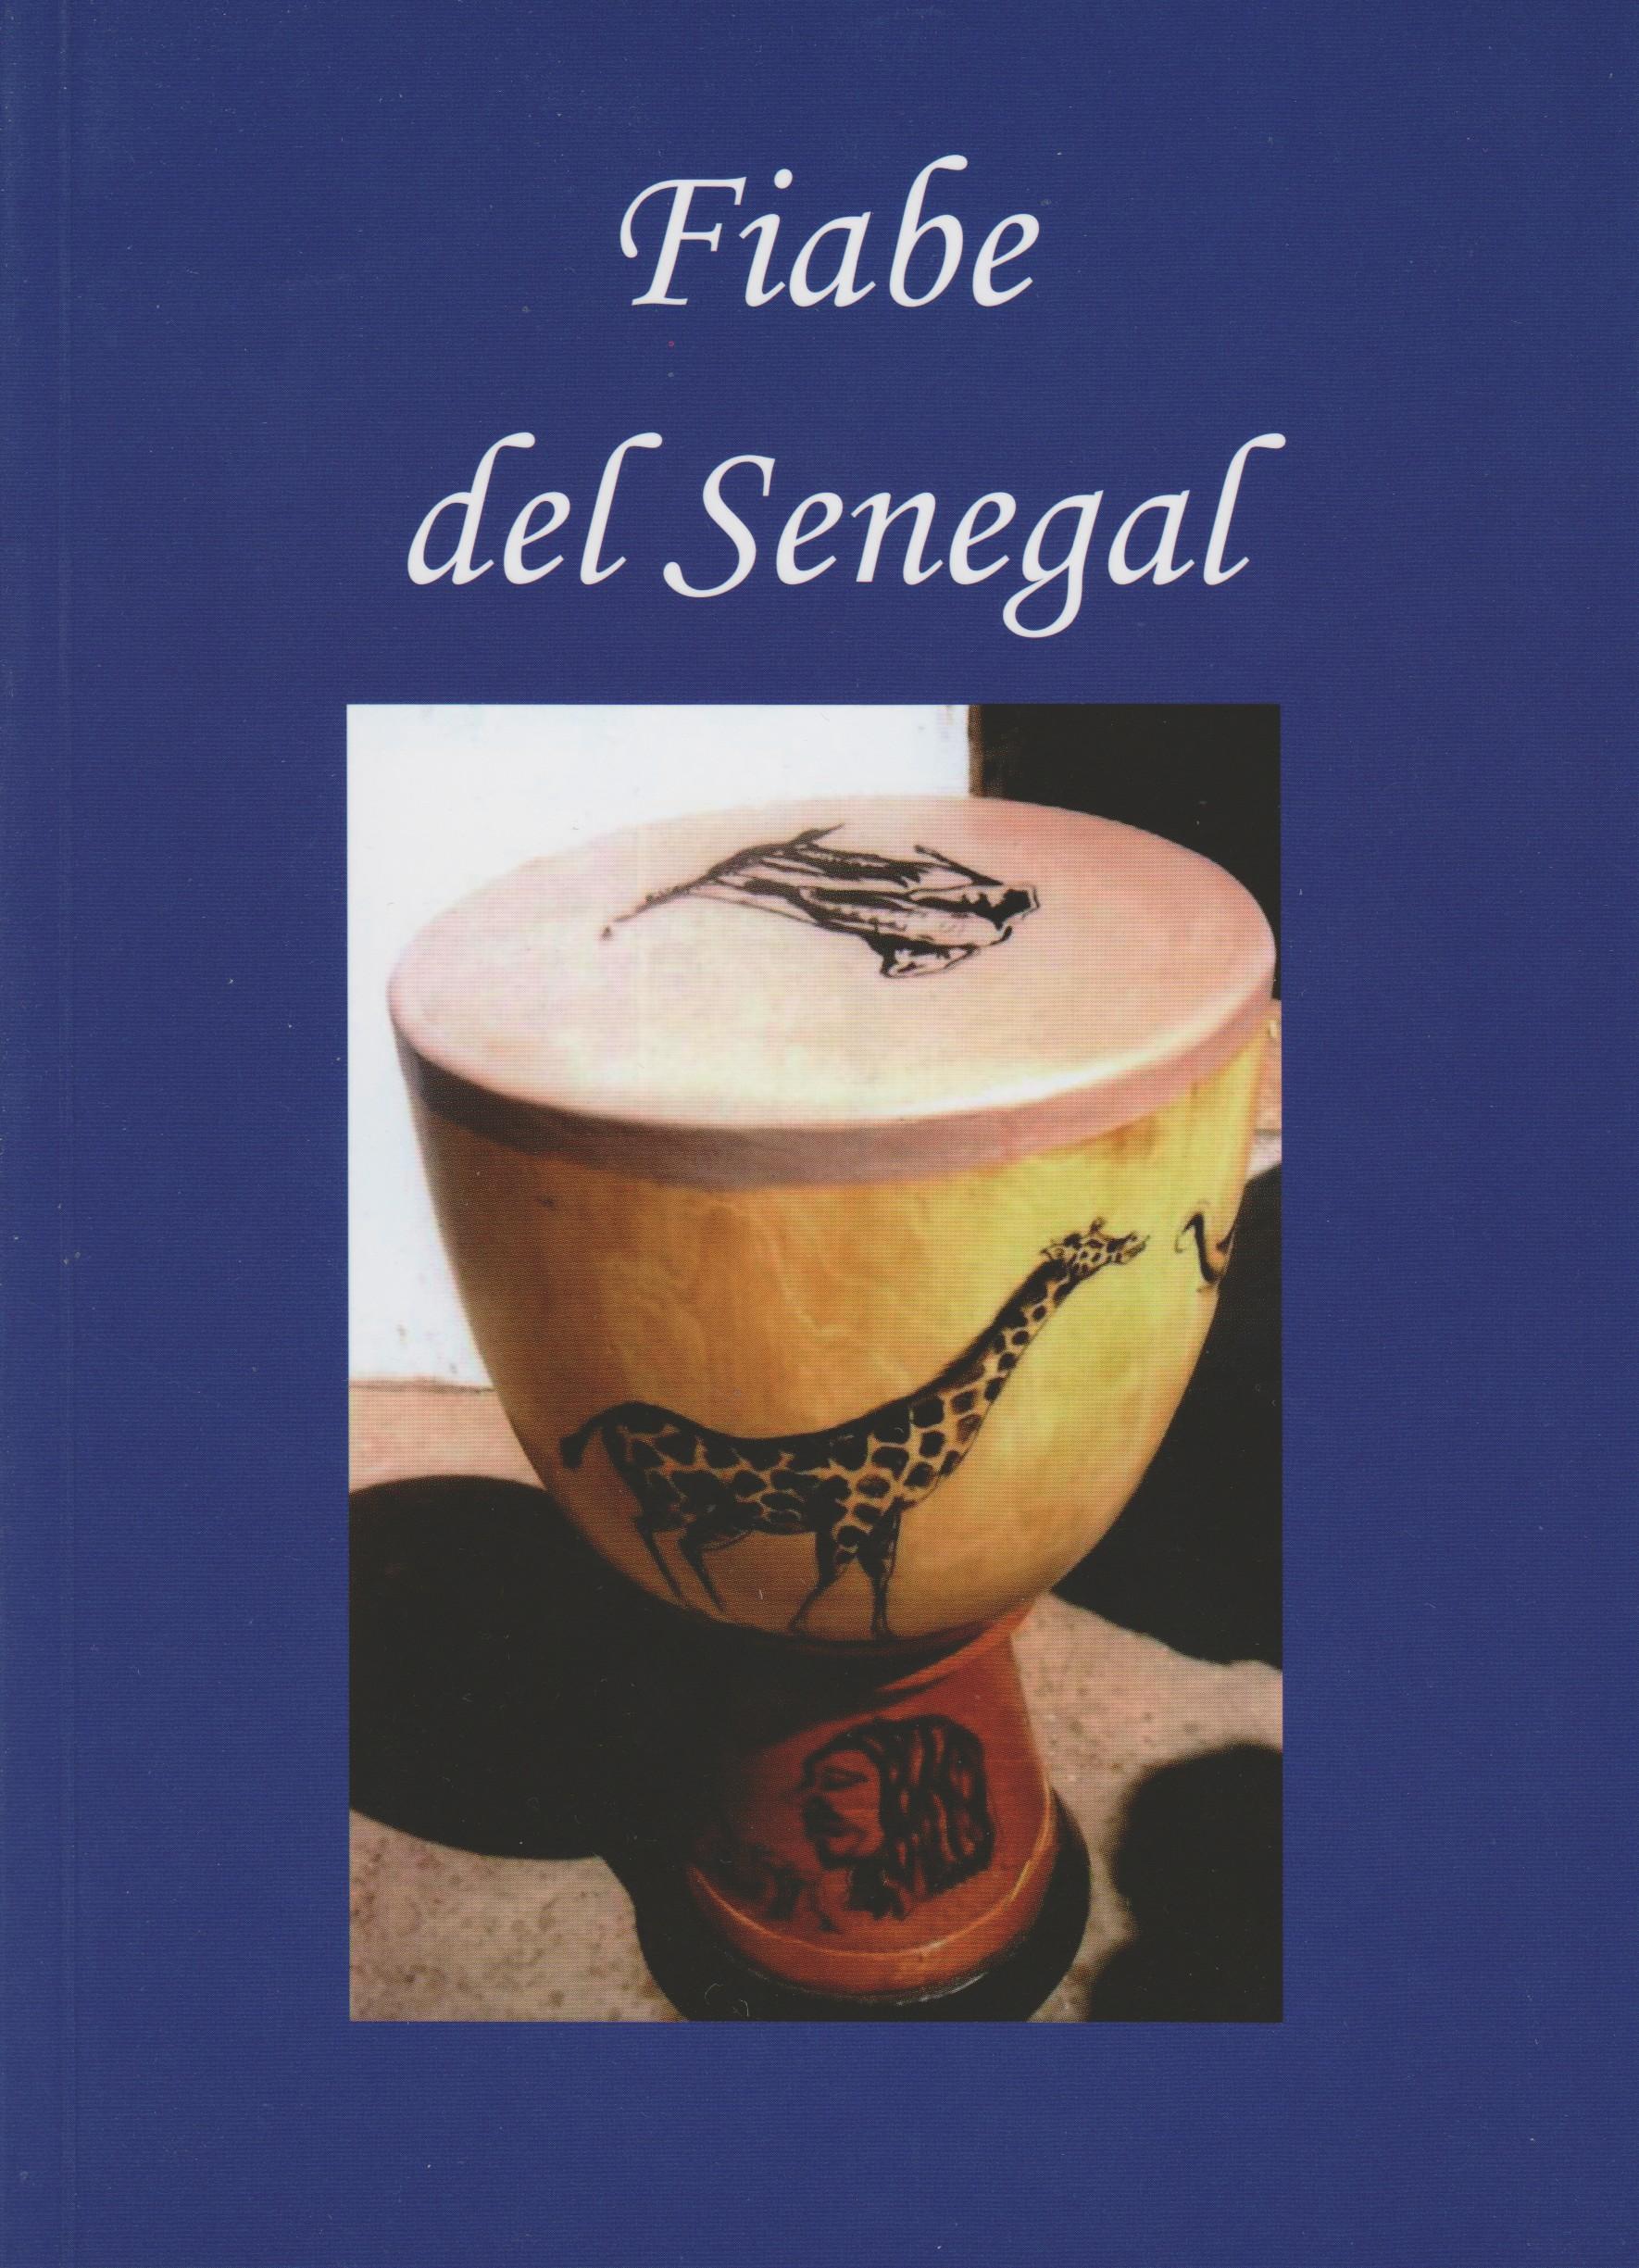 Fiabe del Senegal